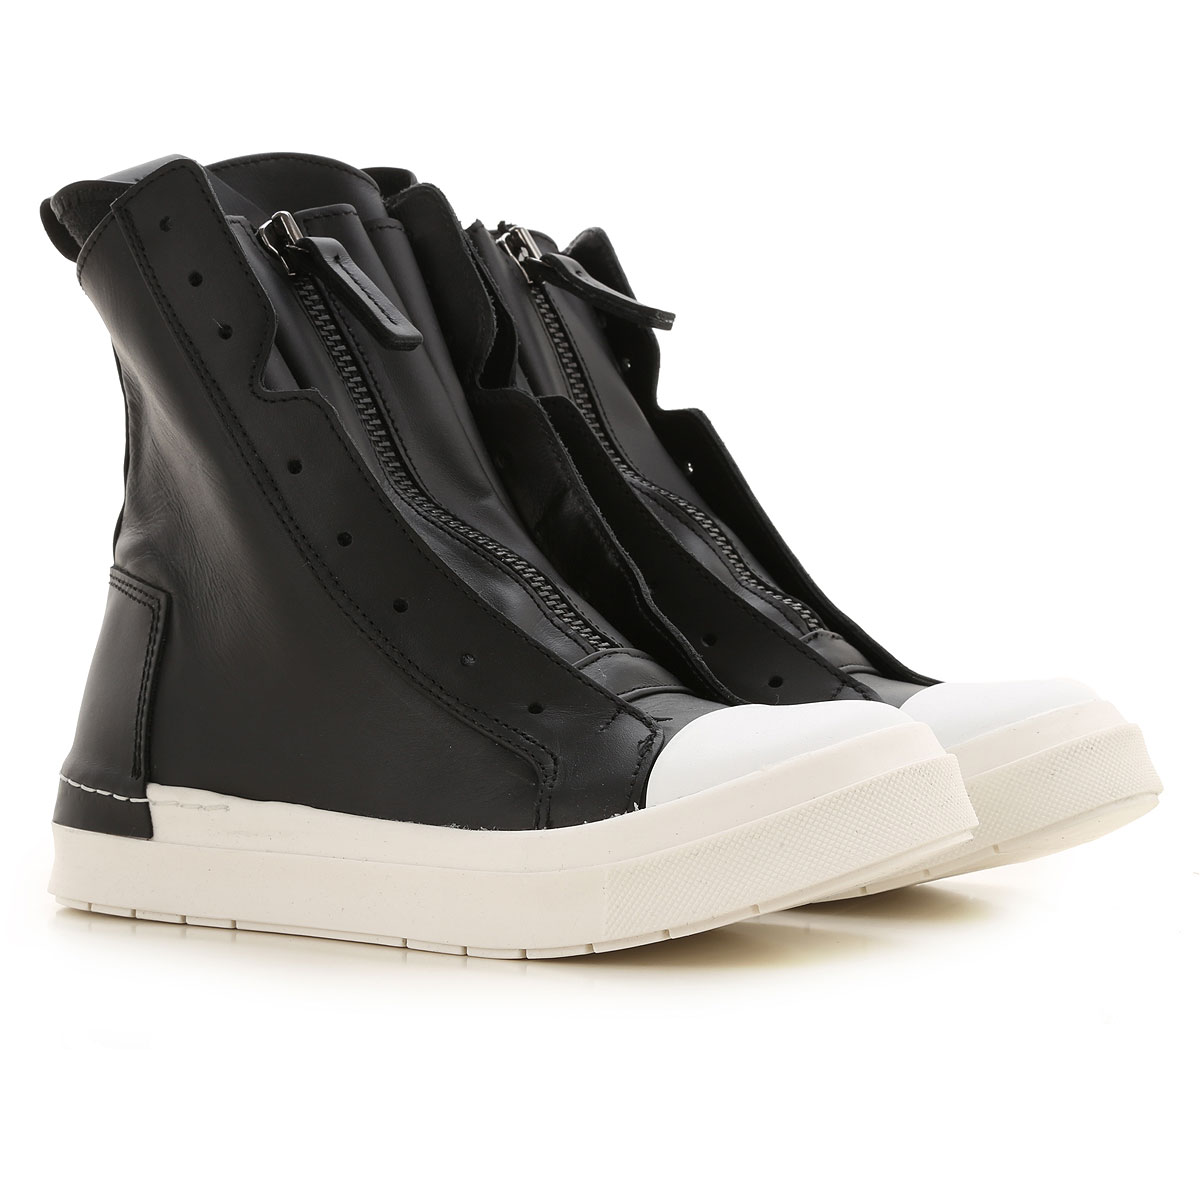 Cinzia Araia Sneaker Femme, Noir, Cuir, 2019, 35 36 37 38 39 40